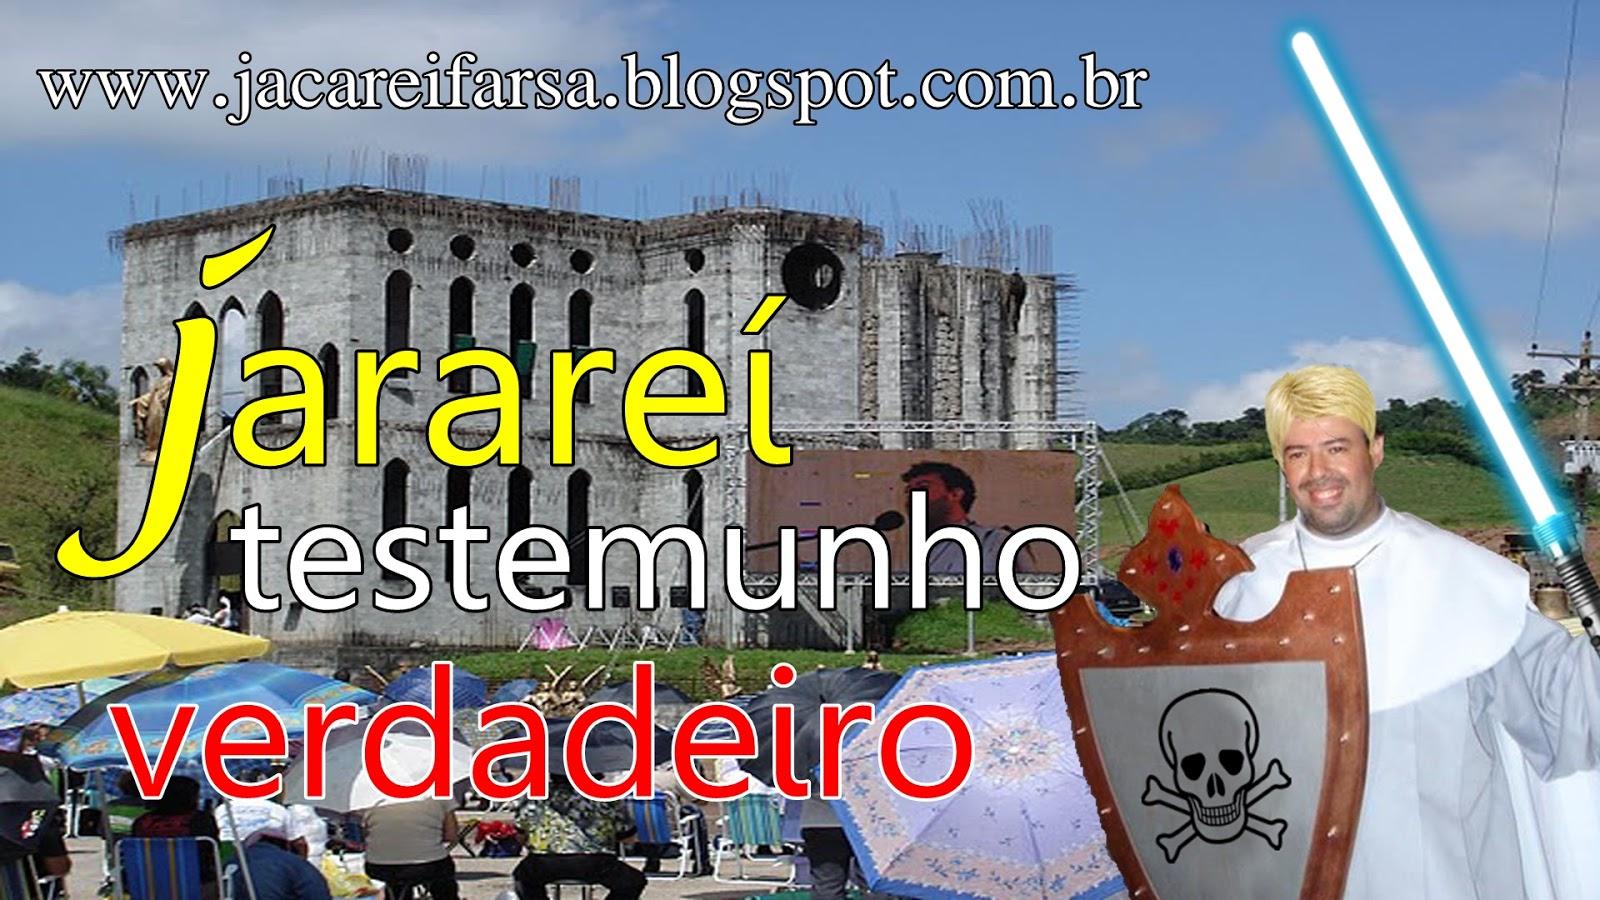 blog oficial .jacareiencantado. Santuário das Aparições de Jacareí SP. são falsas. são verdadeiras, farsa, photoshop, segredoSantuário das aparições de jacareí SP